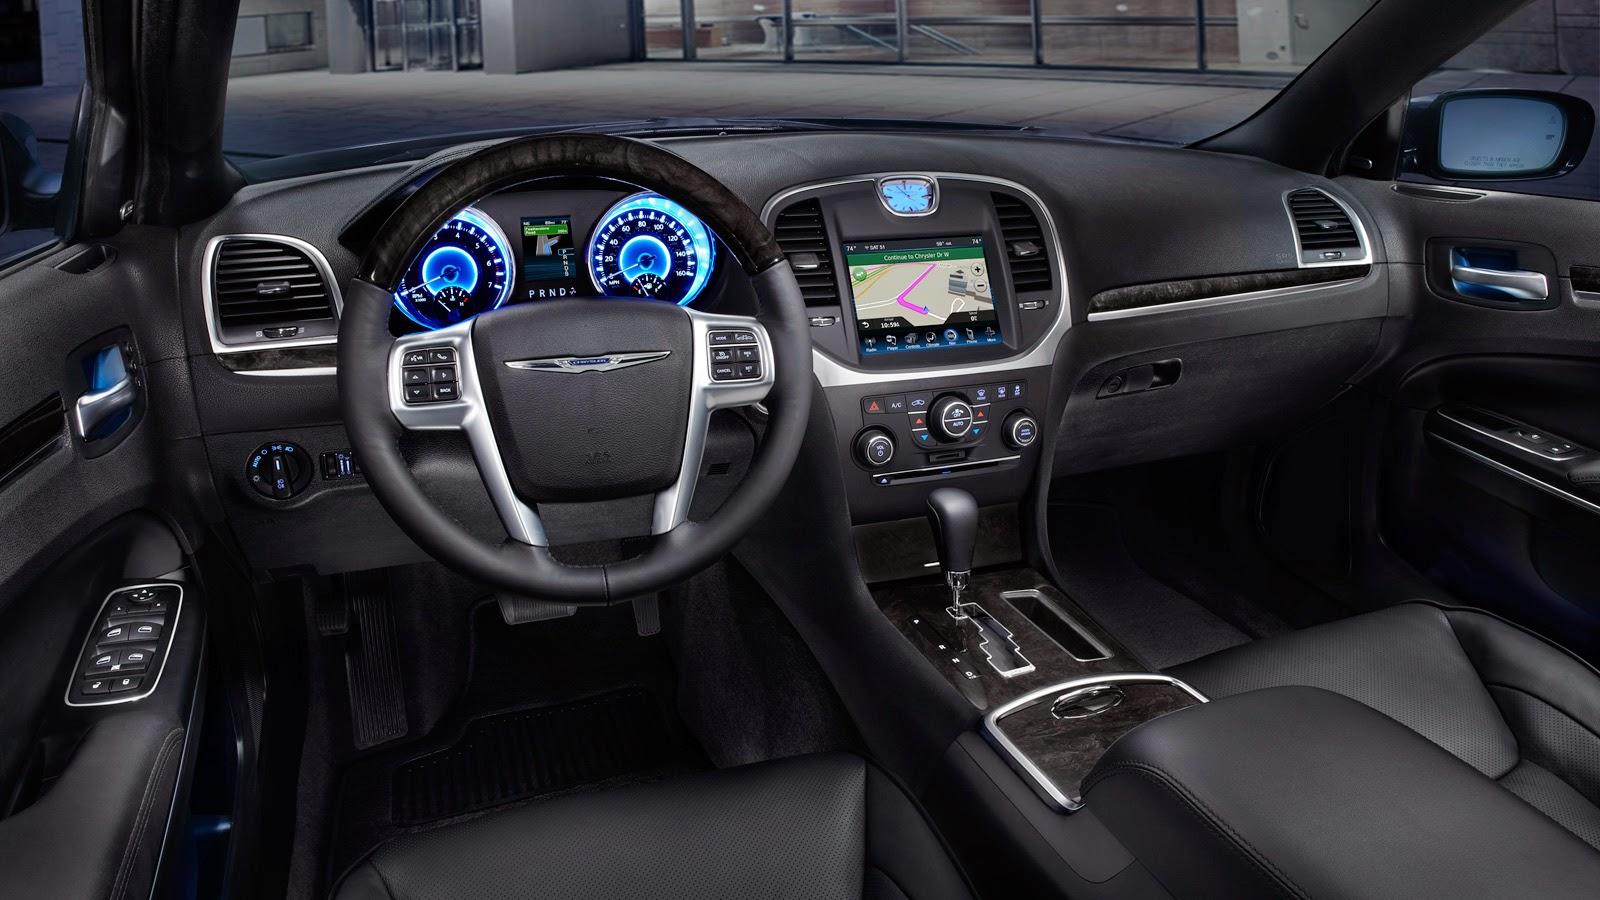 Modification Car 2016: 2015 Chrysler 300 SRT8